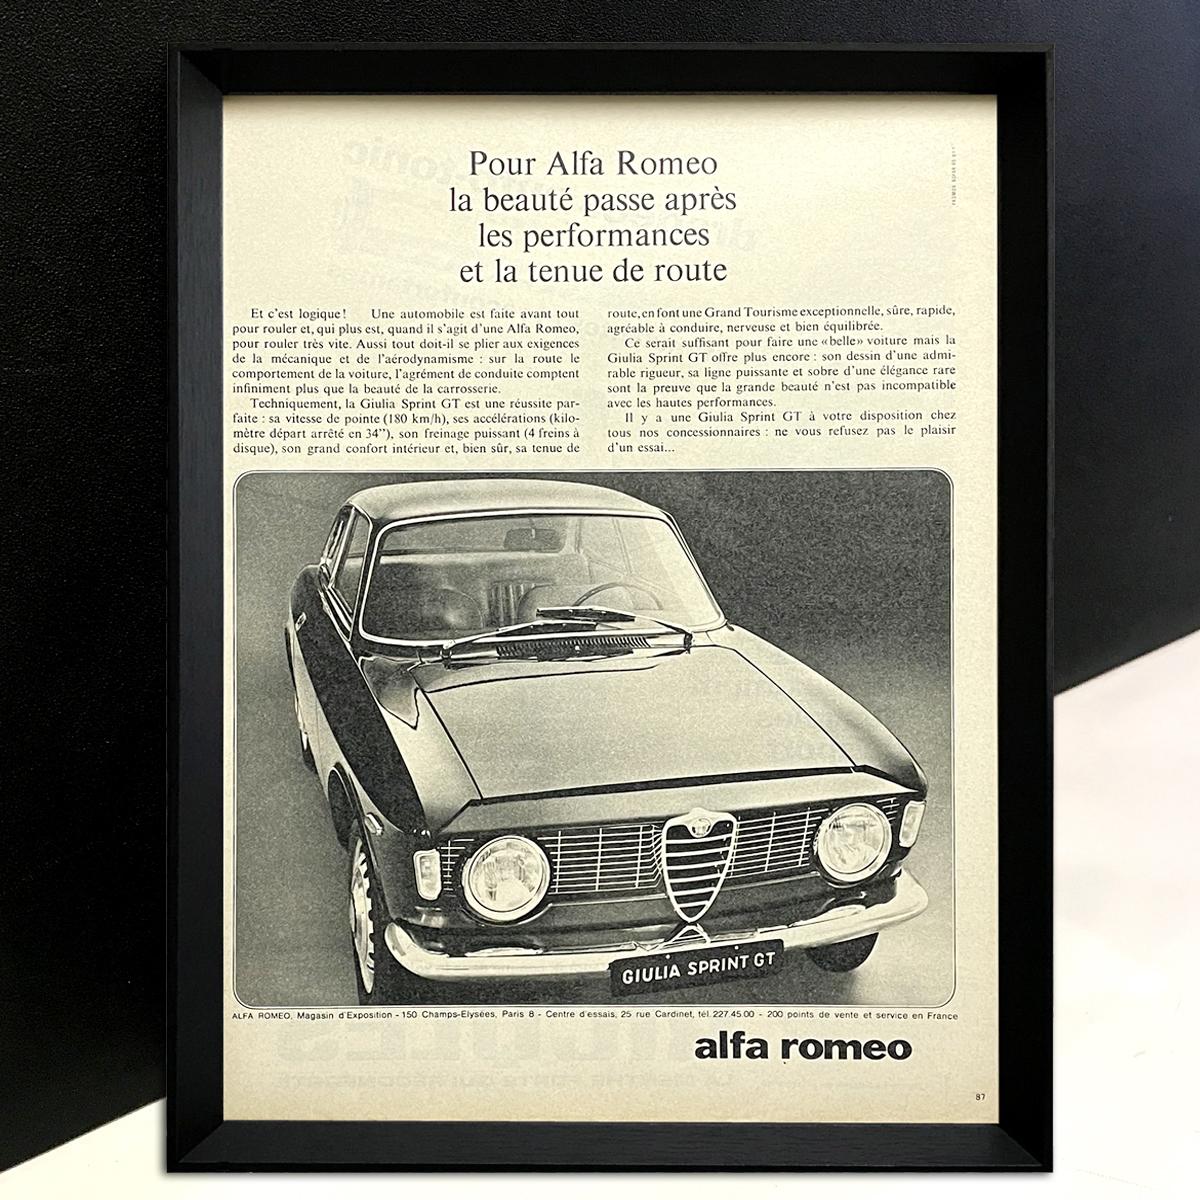 アルファロメオ ジュリア スプリント 1960年代 フランス ビンテージ 雑誌 広告 ポスター 額付 アートフレーム #b538